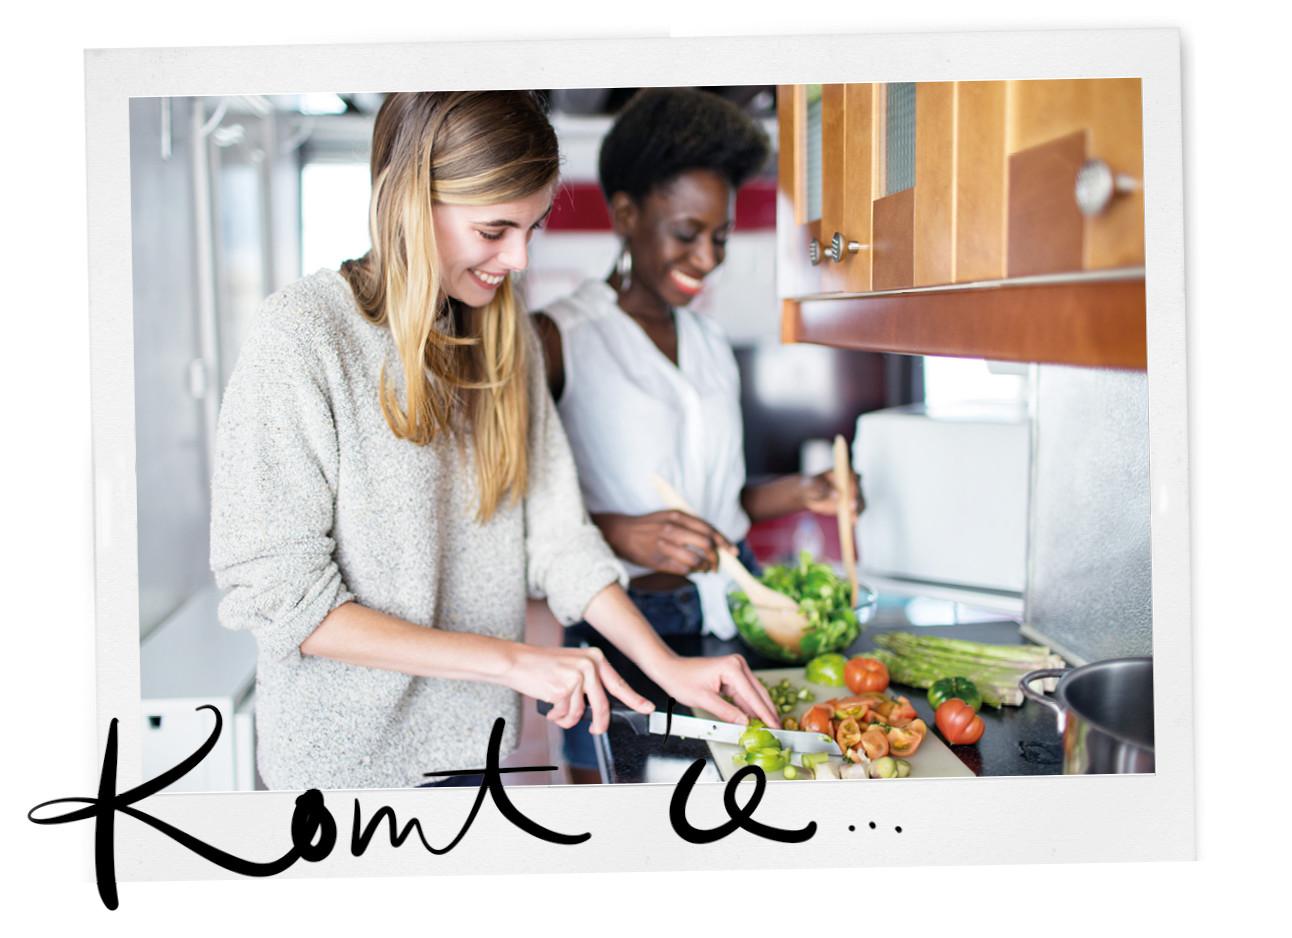 twee vrouwen in de keuken eten aan het snijden en lachen